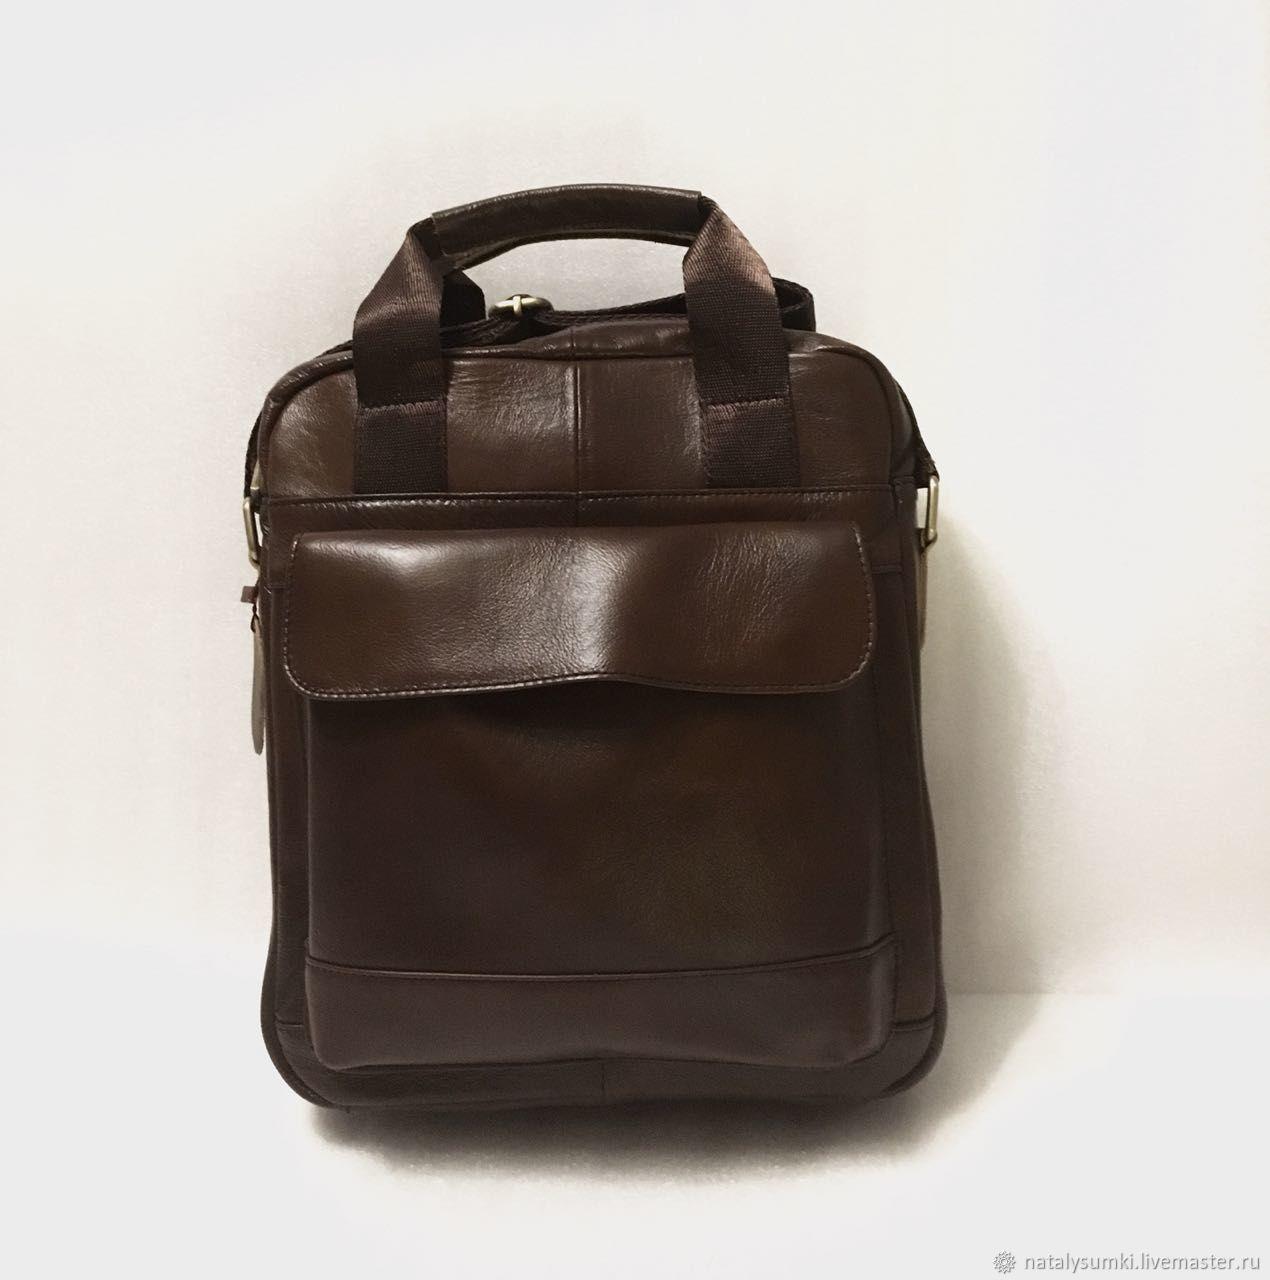 af591807 Мужские сумки ручной работы. Ярмарка Мастеров - ручная работа. Купить  Мужская сумка кожаная коричневая ...